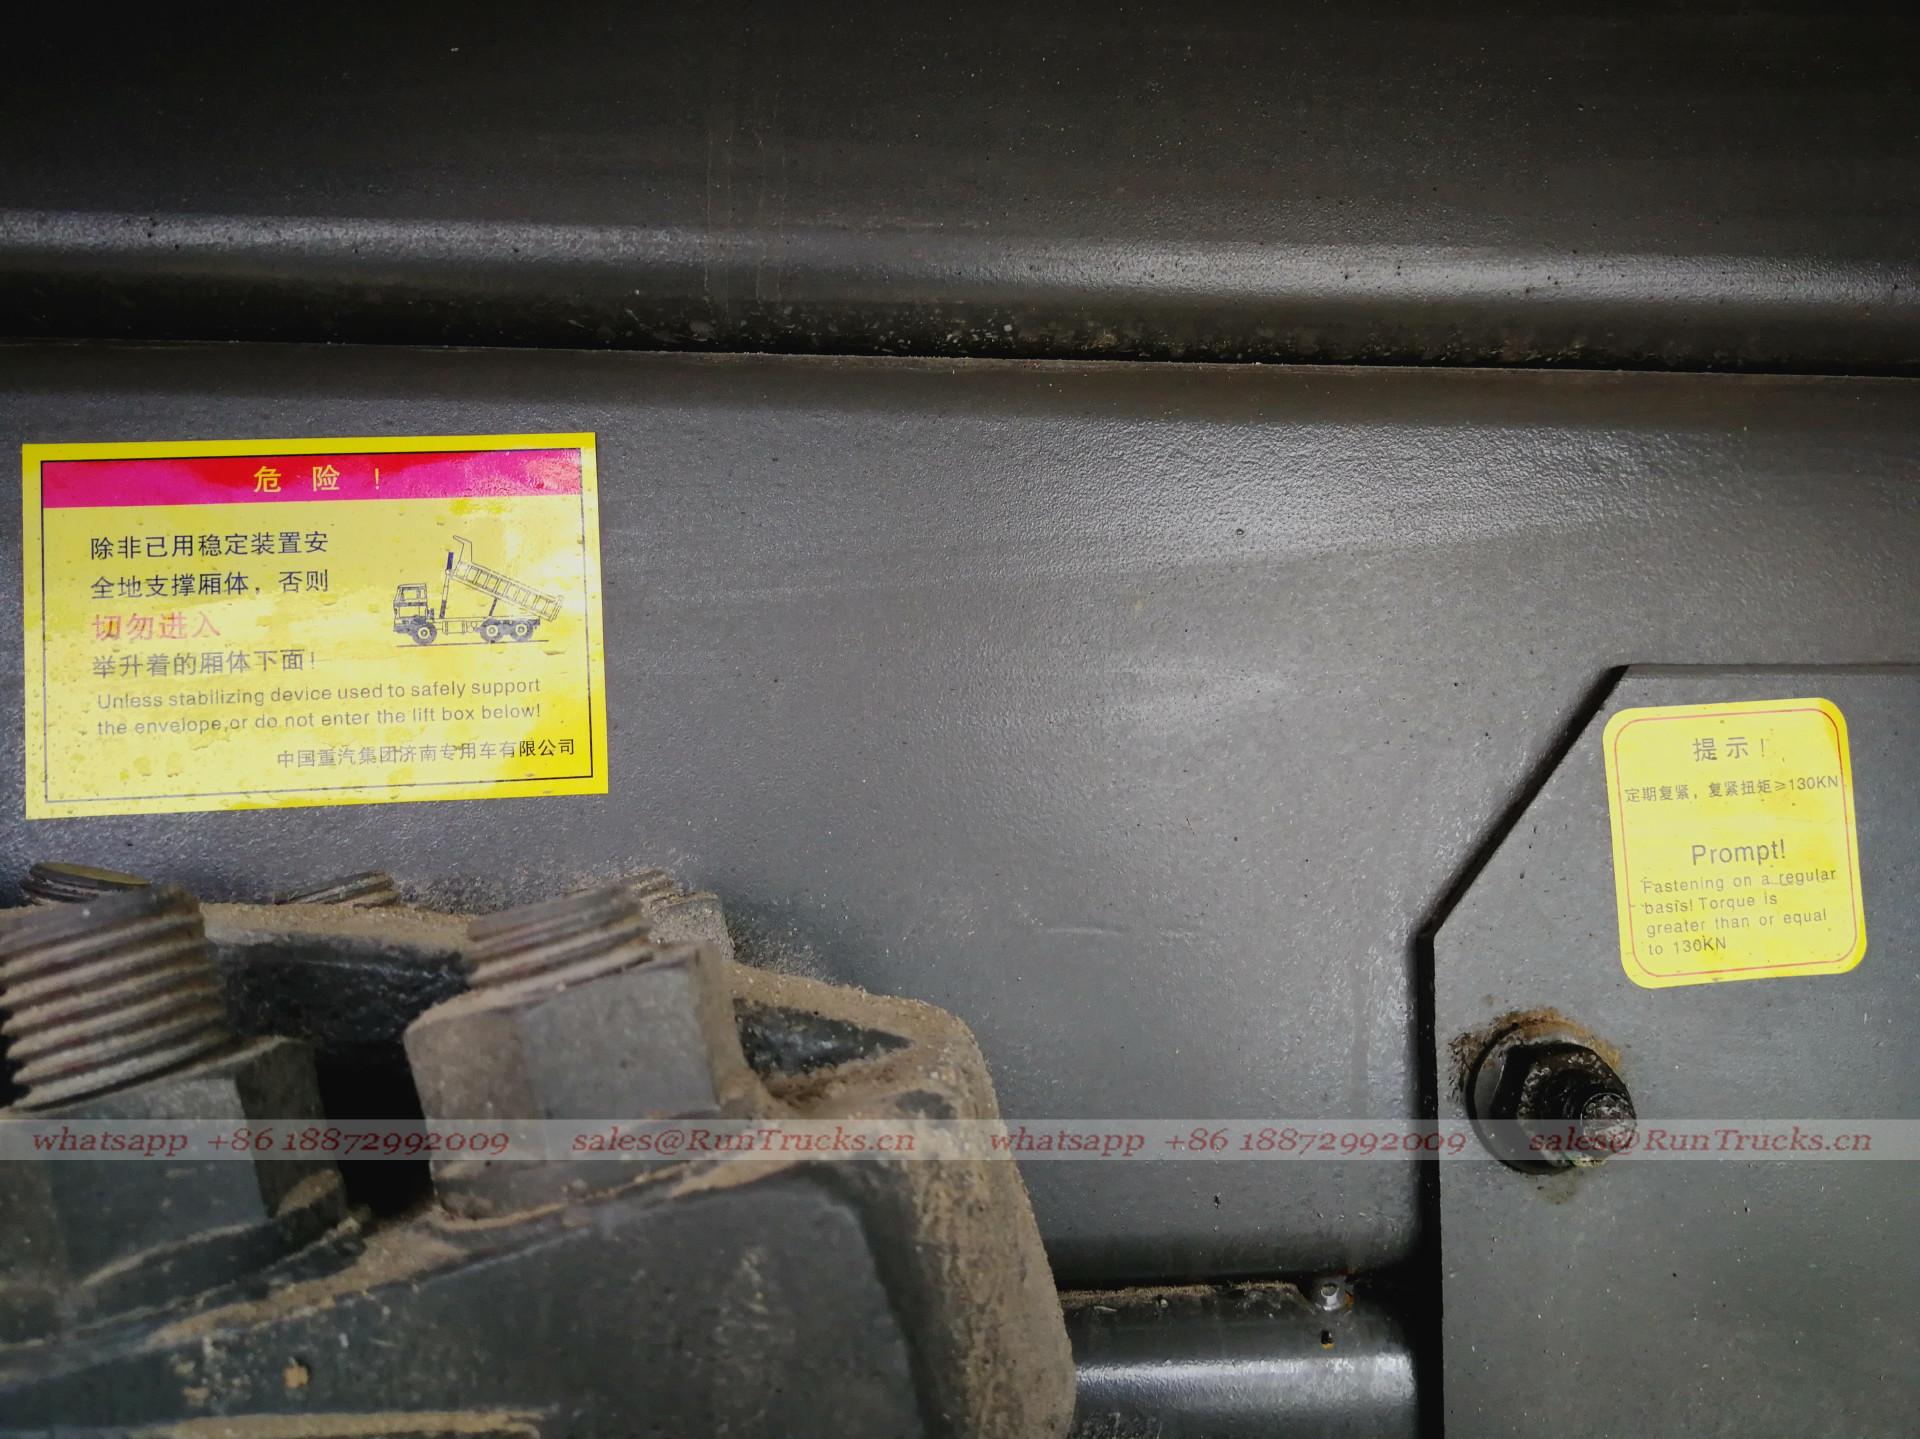 Çin sinotruk howo 7 kabin 336 at güç döküm makinesi